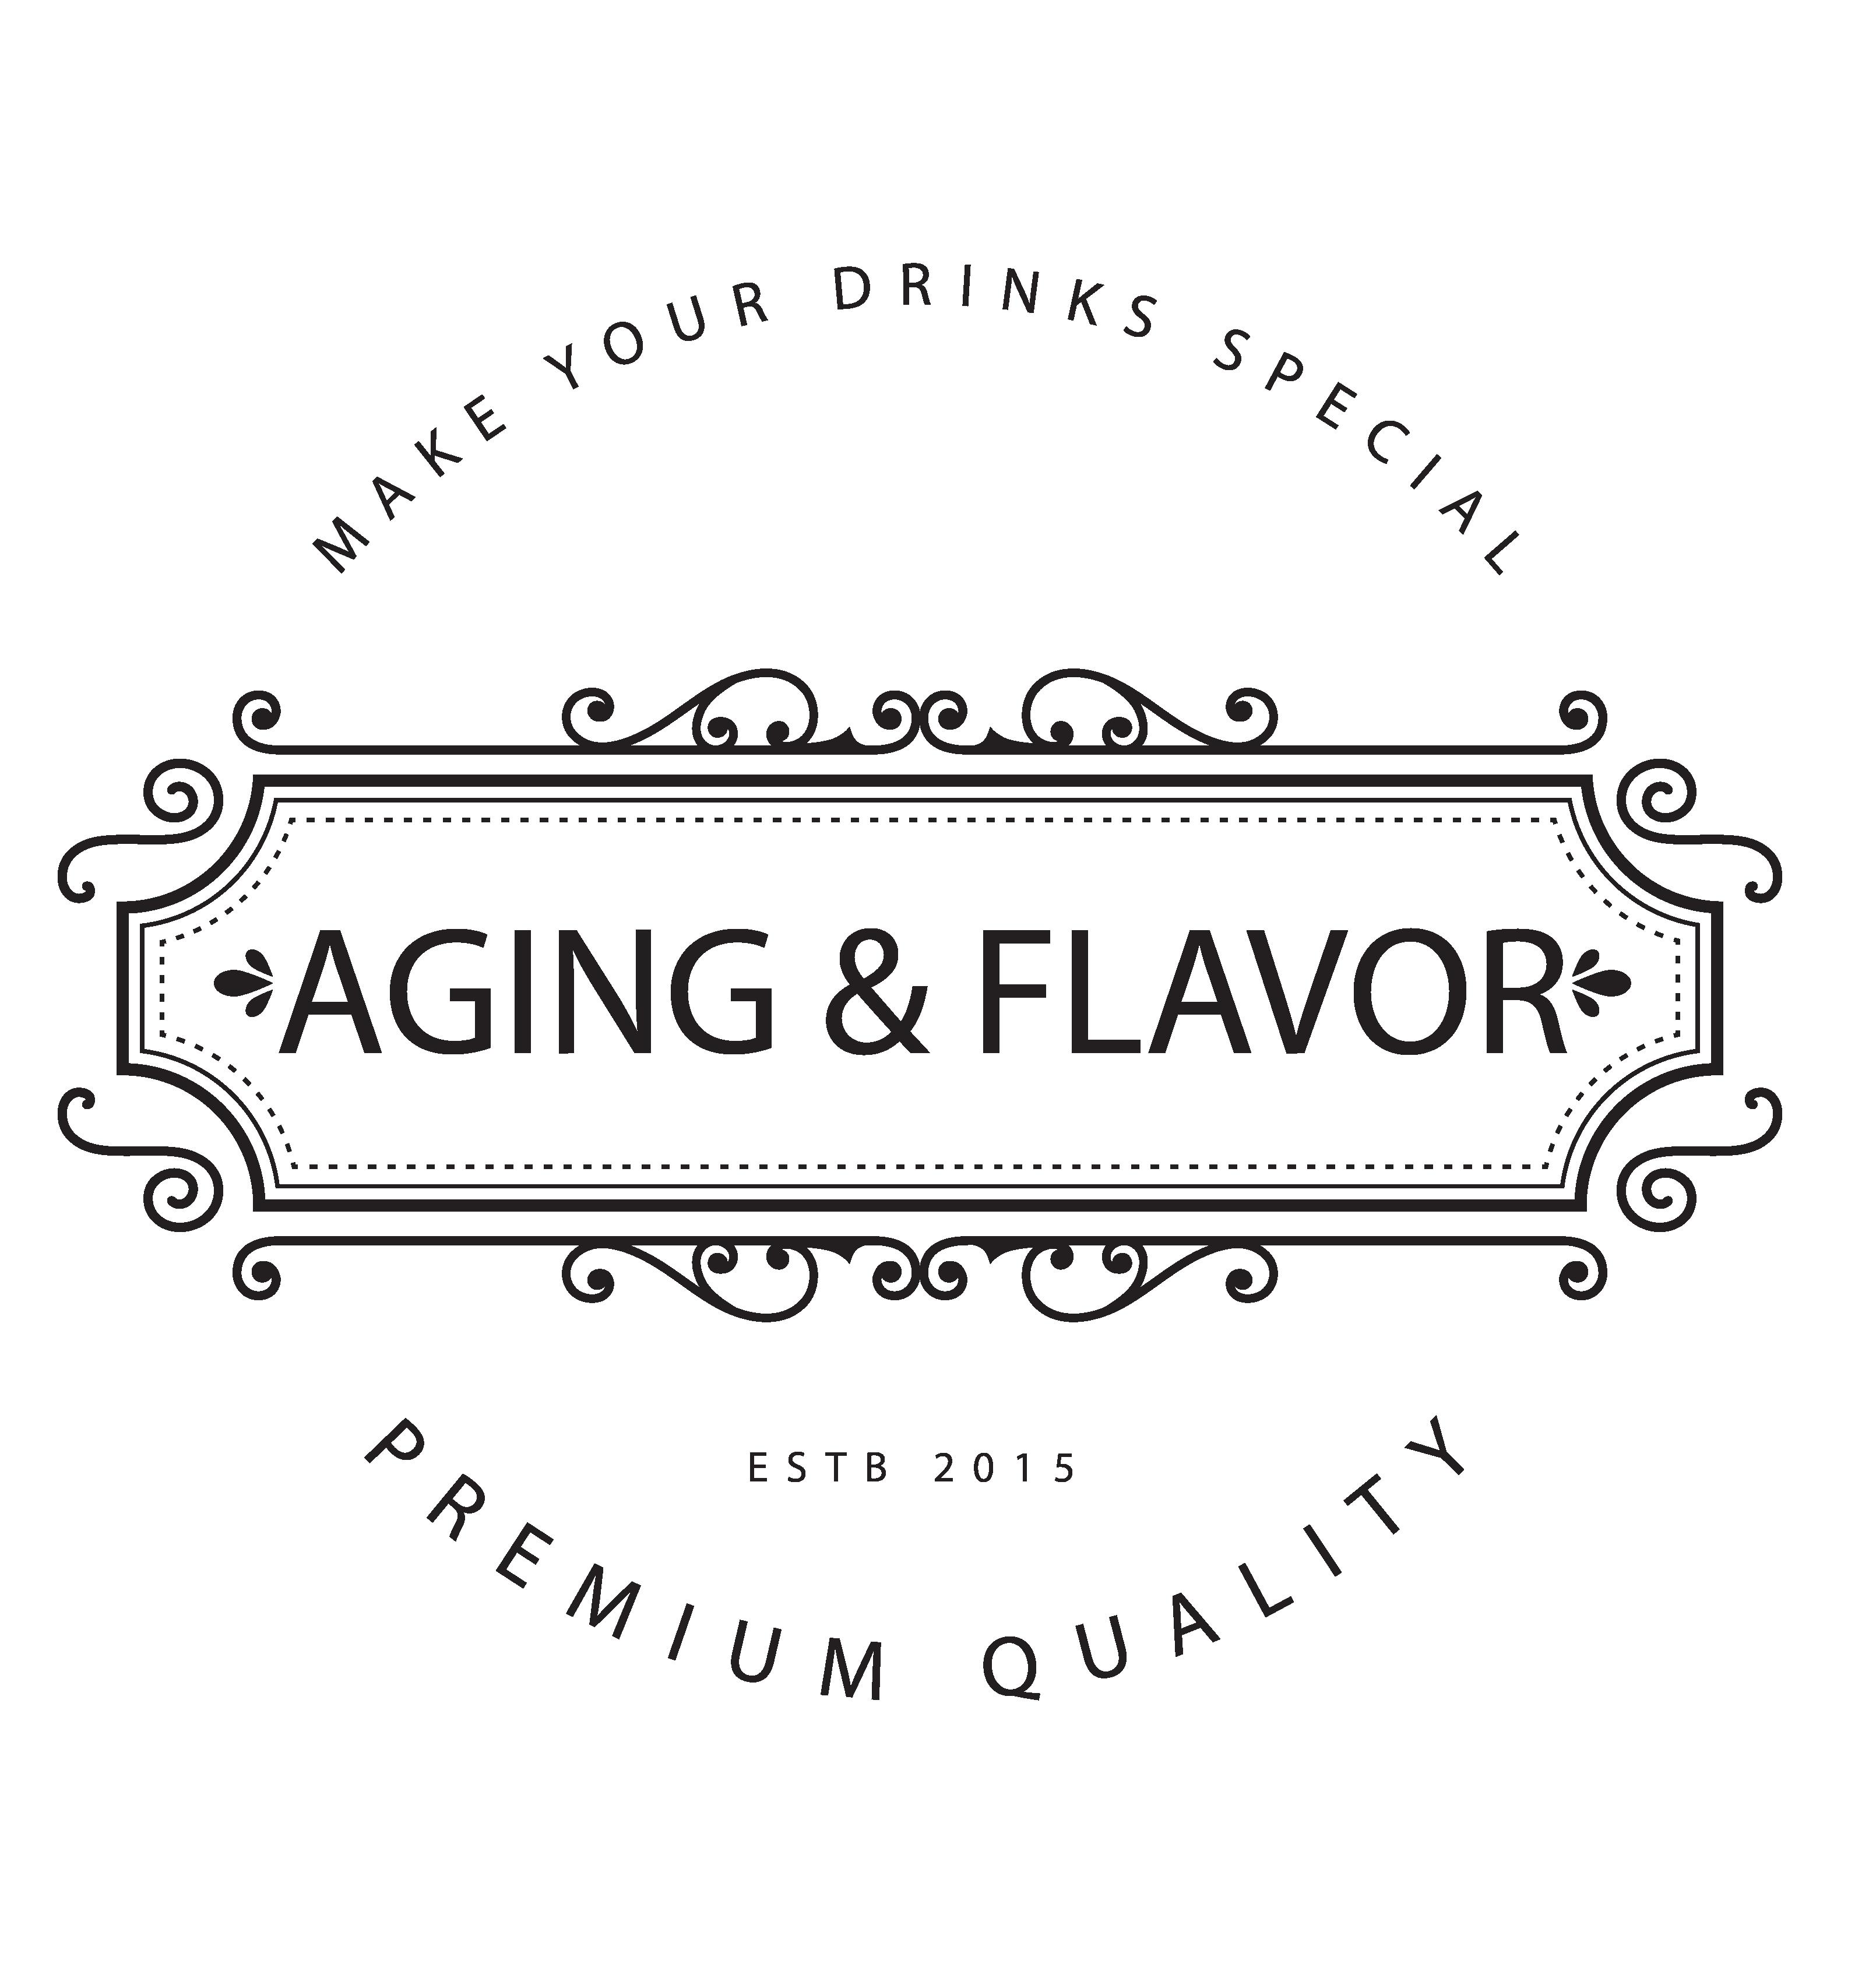 AGING & FLAVOR